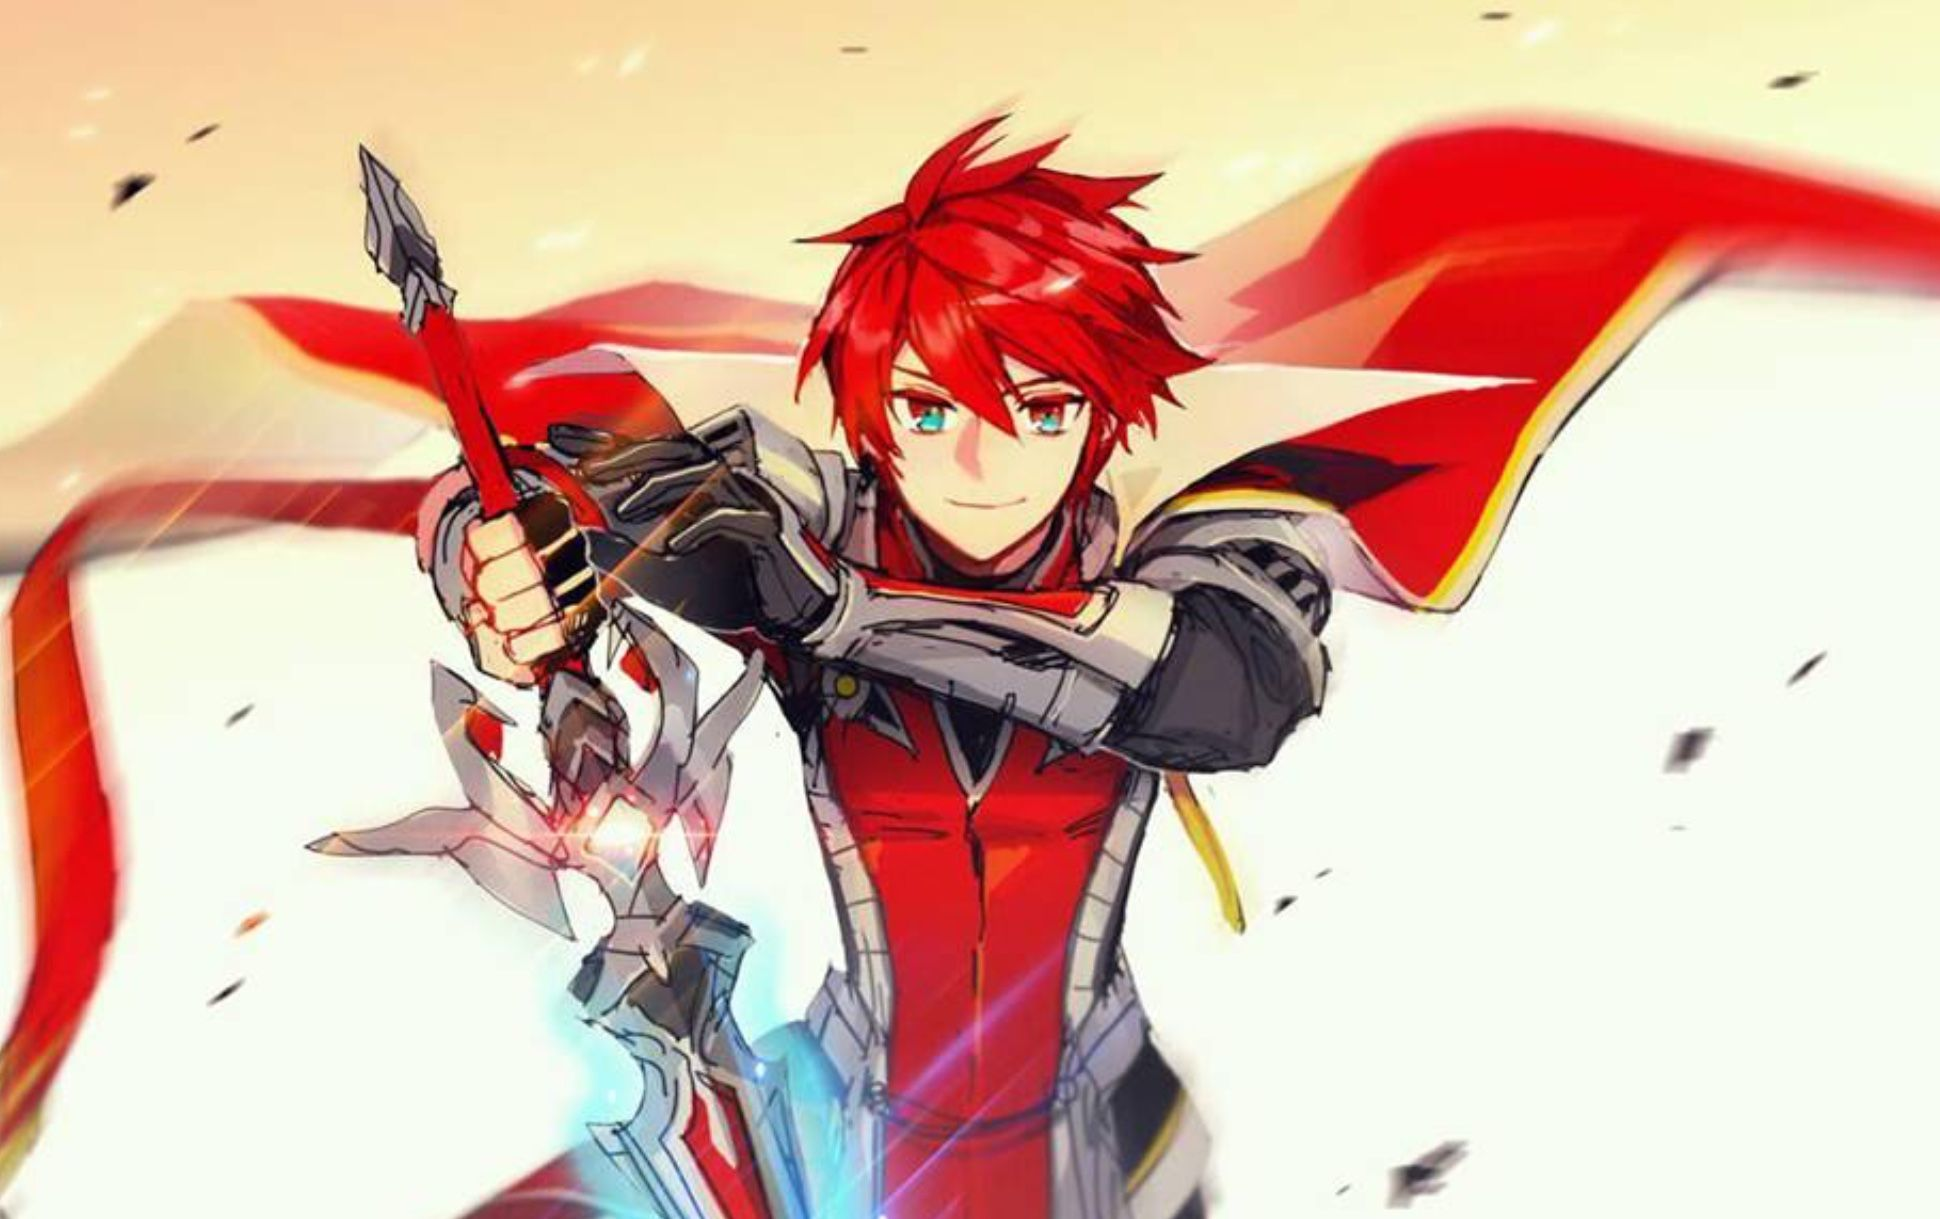 Elsword Knight Emperor Elsword In 2019 Elsword Anime Art